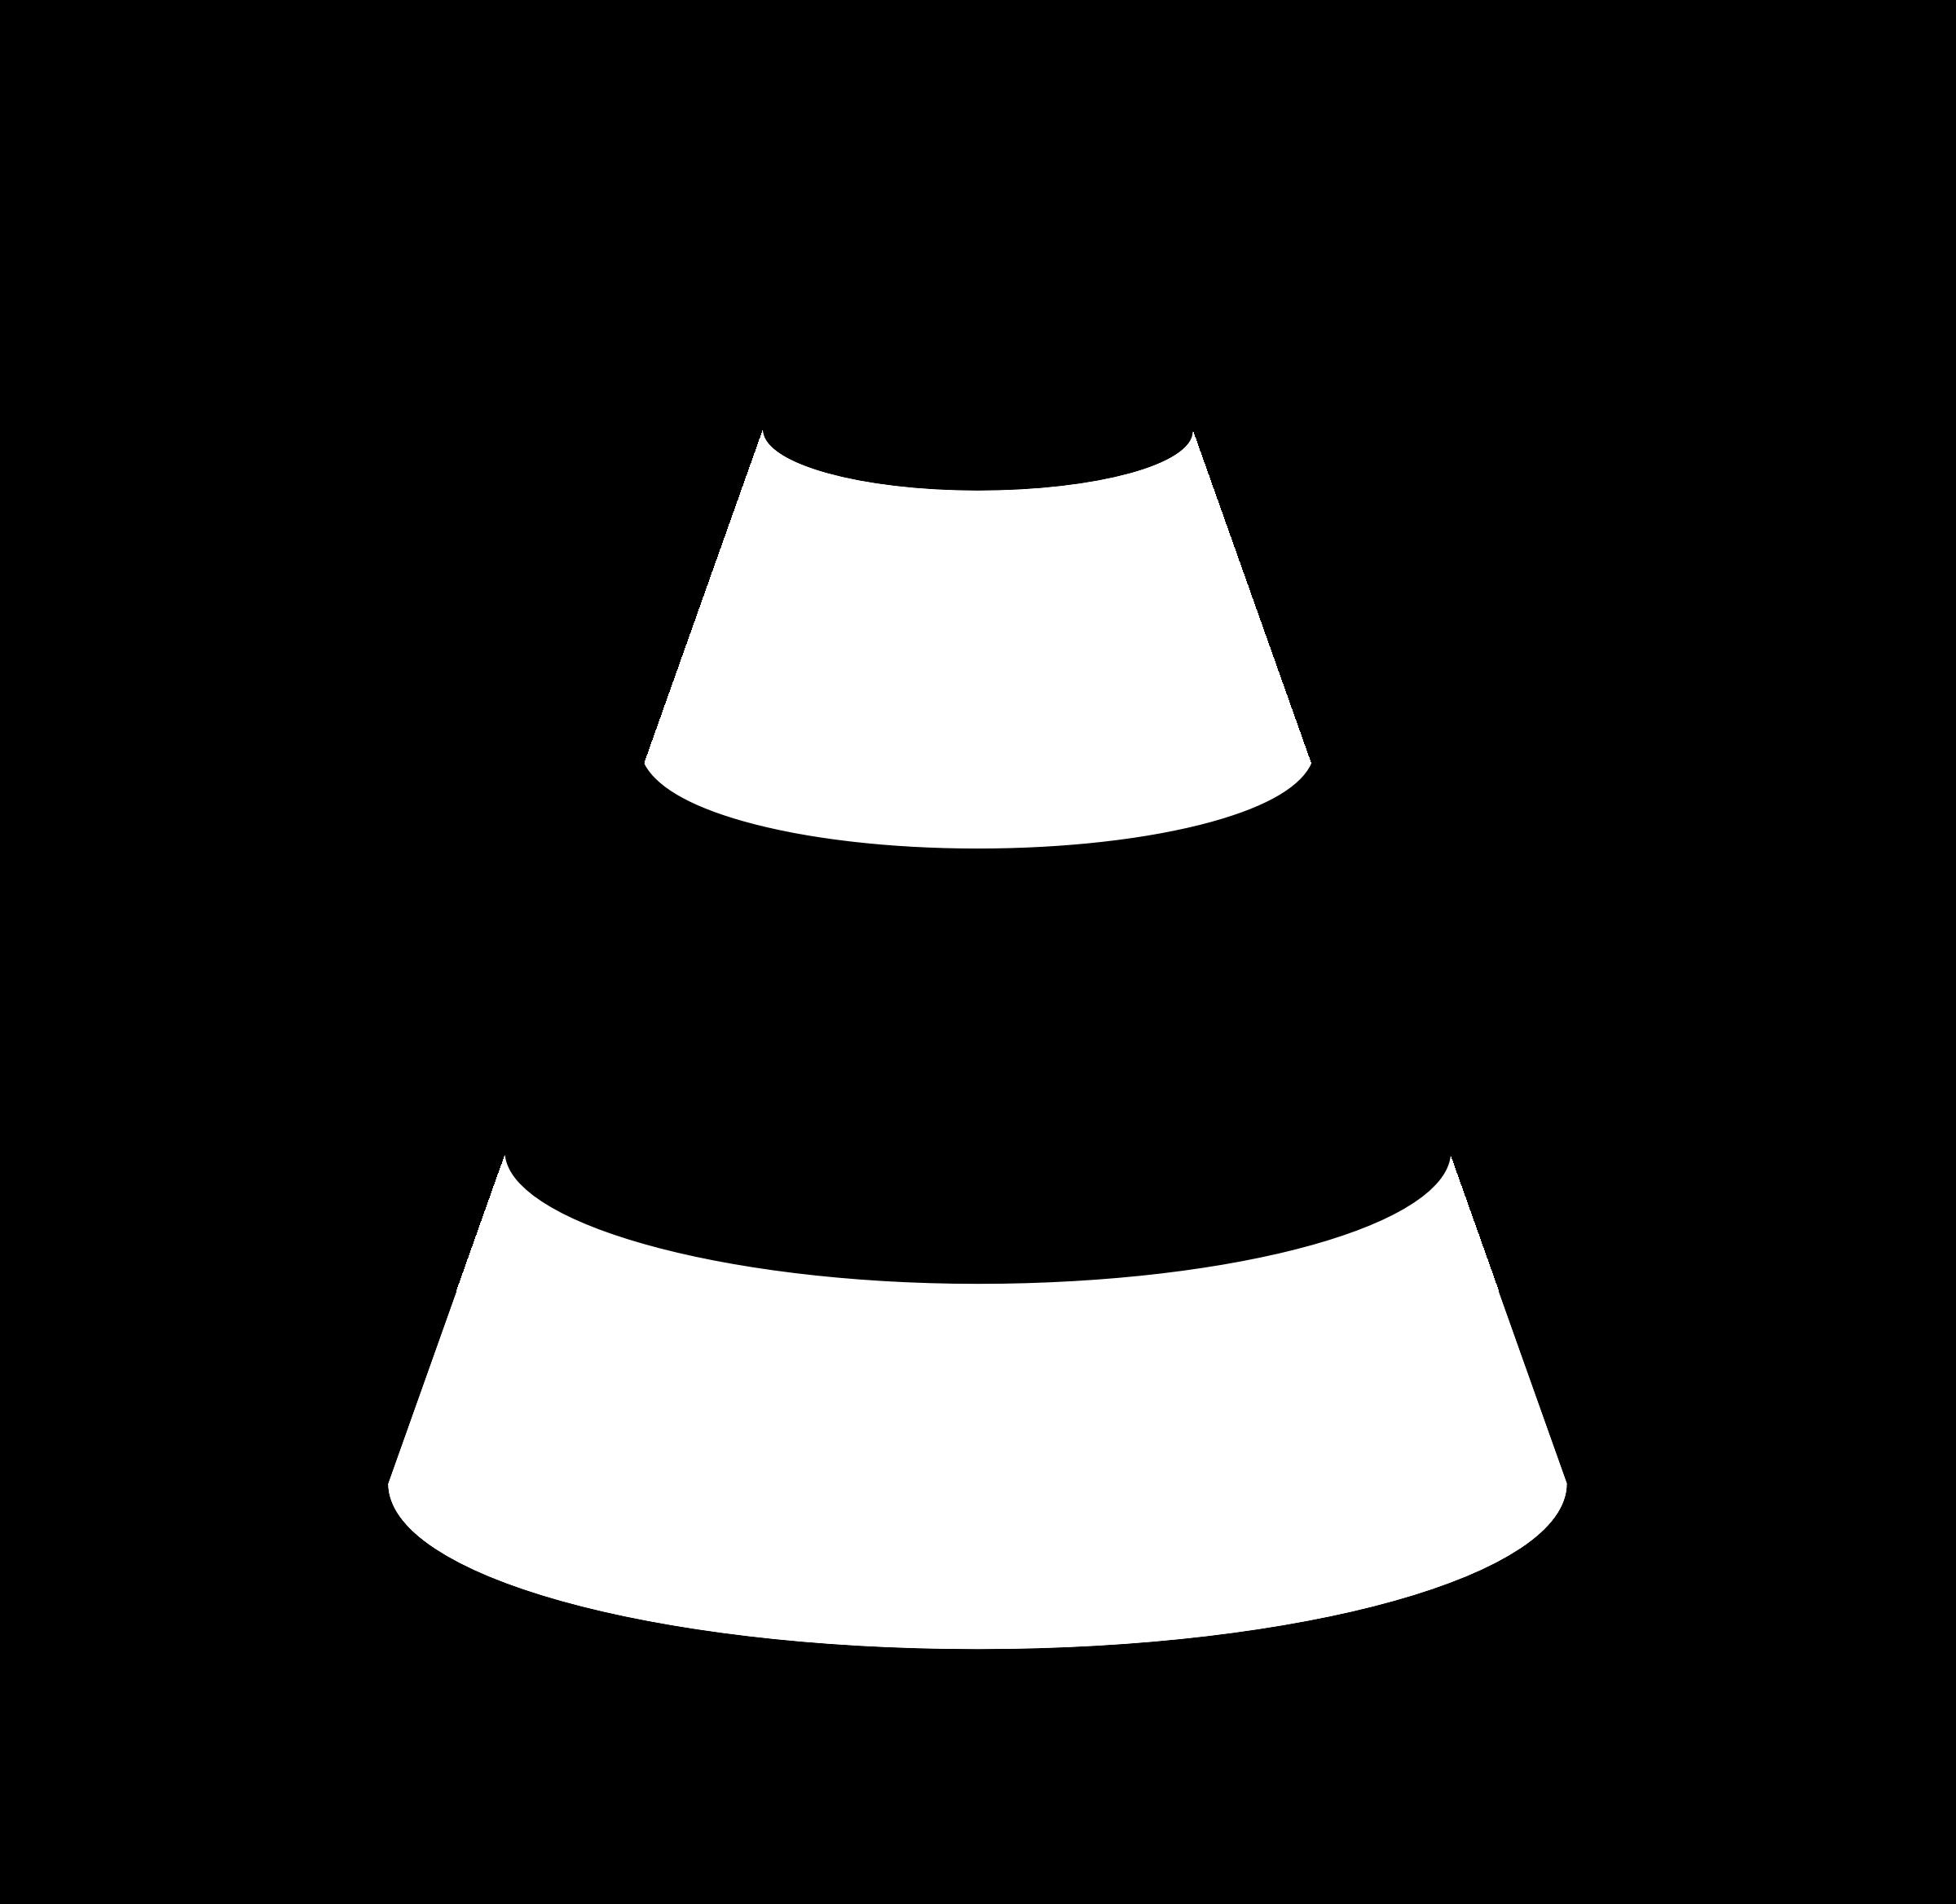 2400x2336 Cone Clipart Road Cone